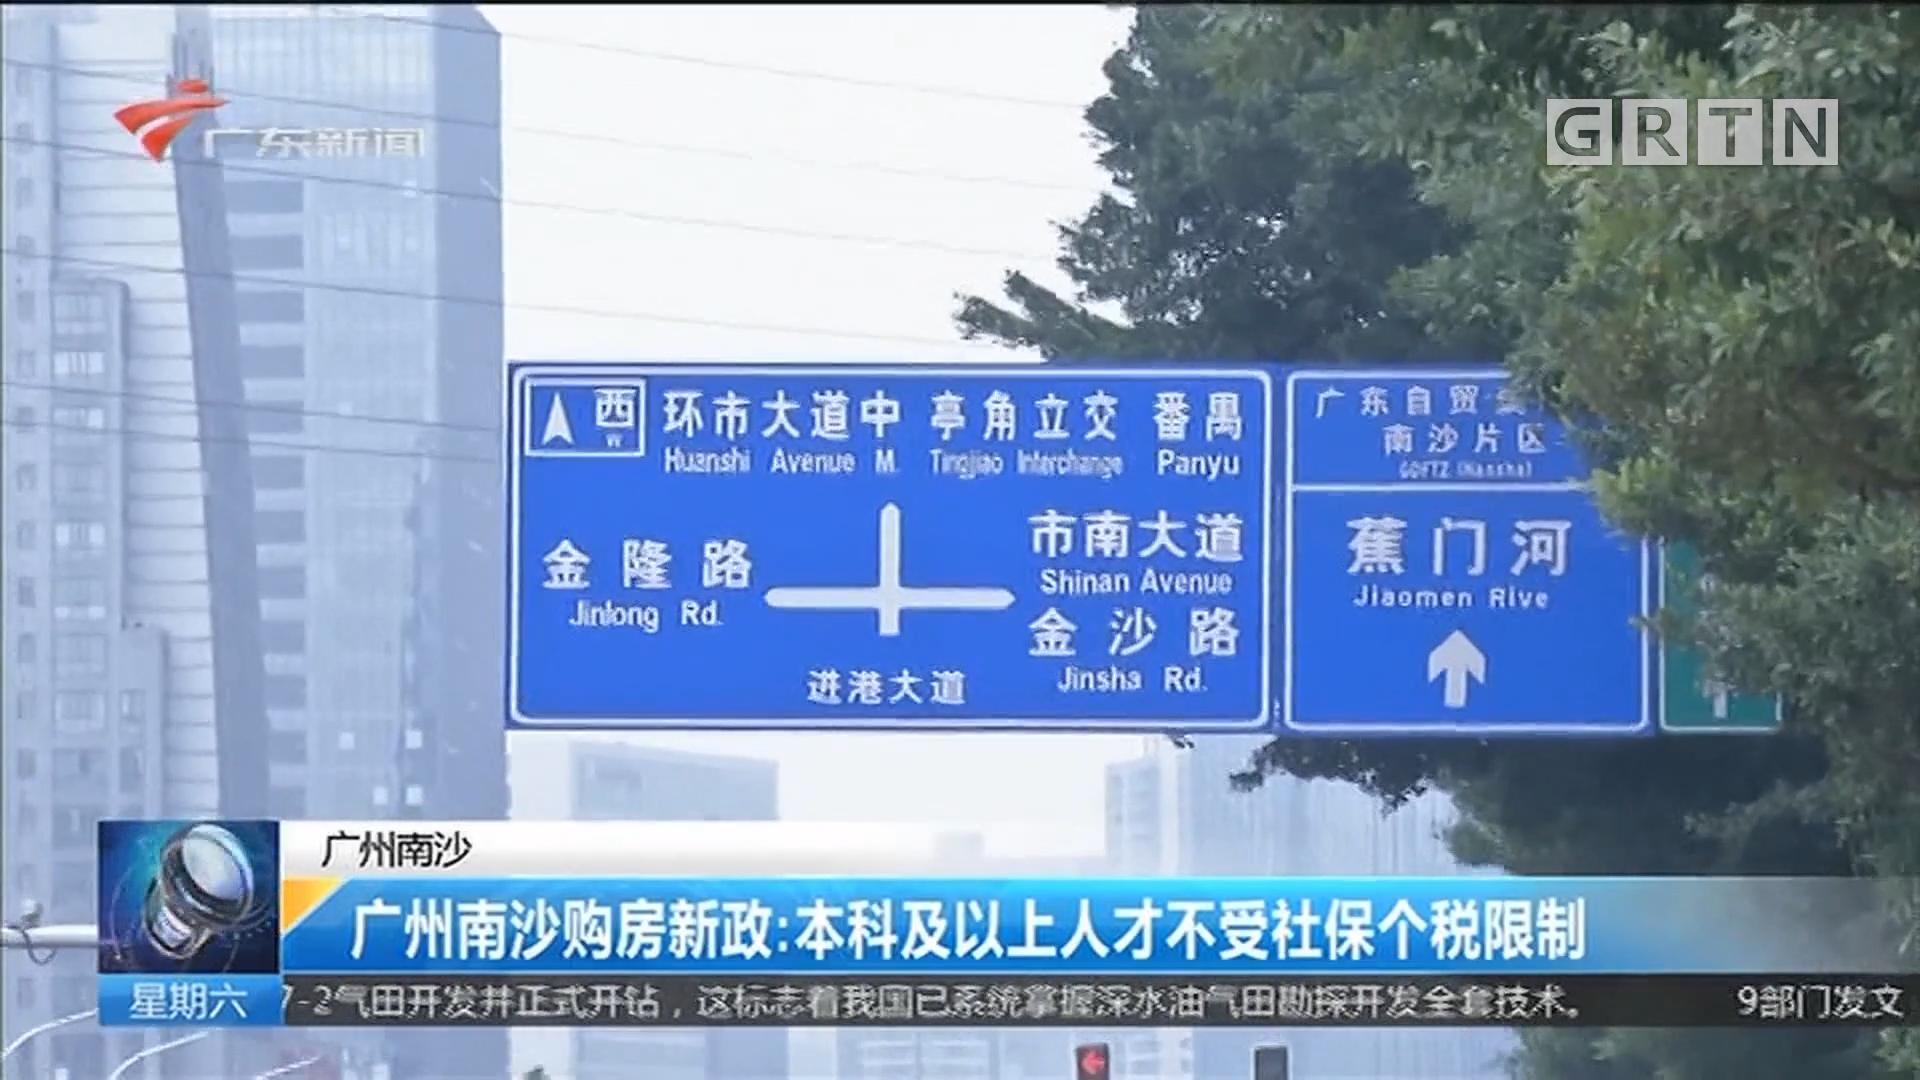 广州南沙 广州南沙购房新政:本科及以上人才不受杜保个税限制